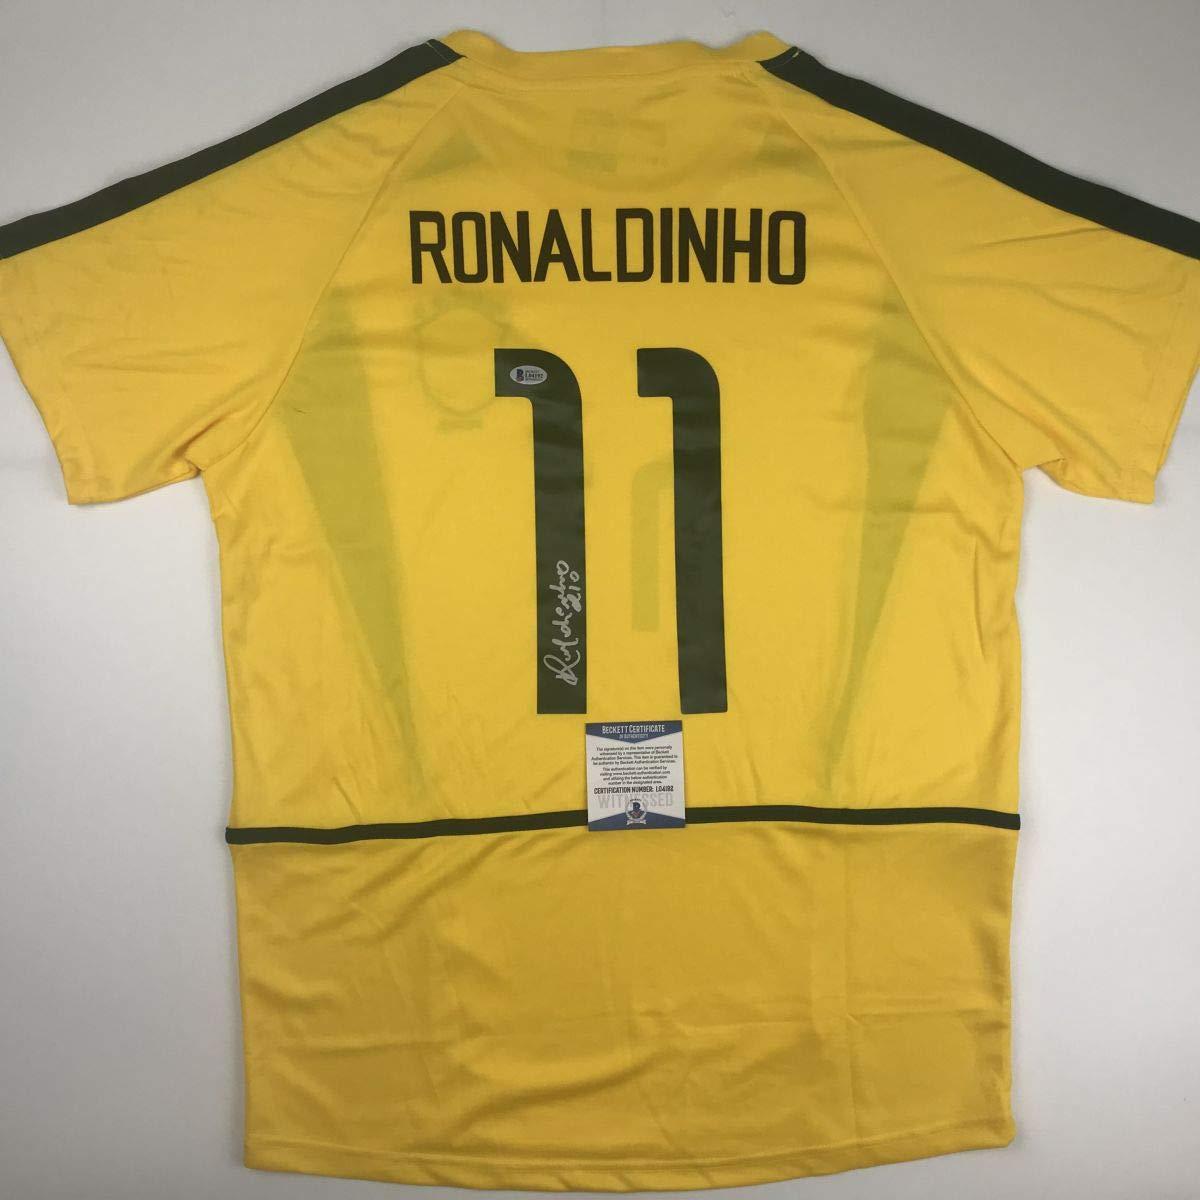 Autographed//Signed Ronaldinho Brazil Yellow World Cup Soccer Futbol Jersey Beckett BAS COA